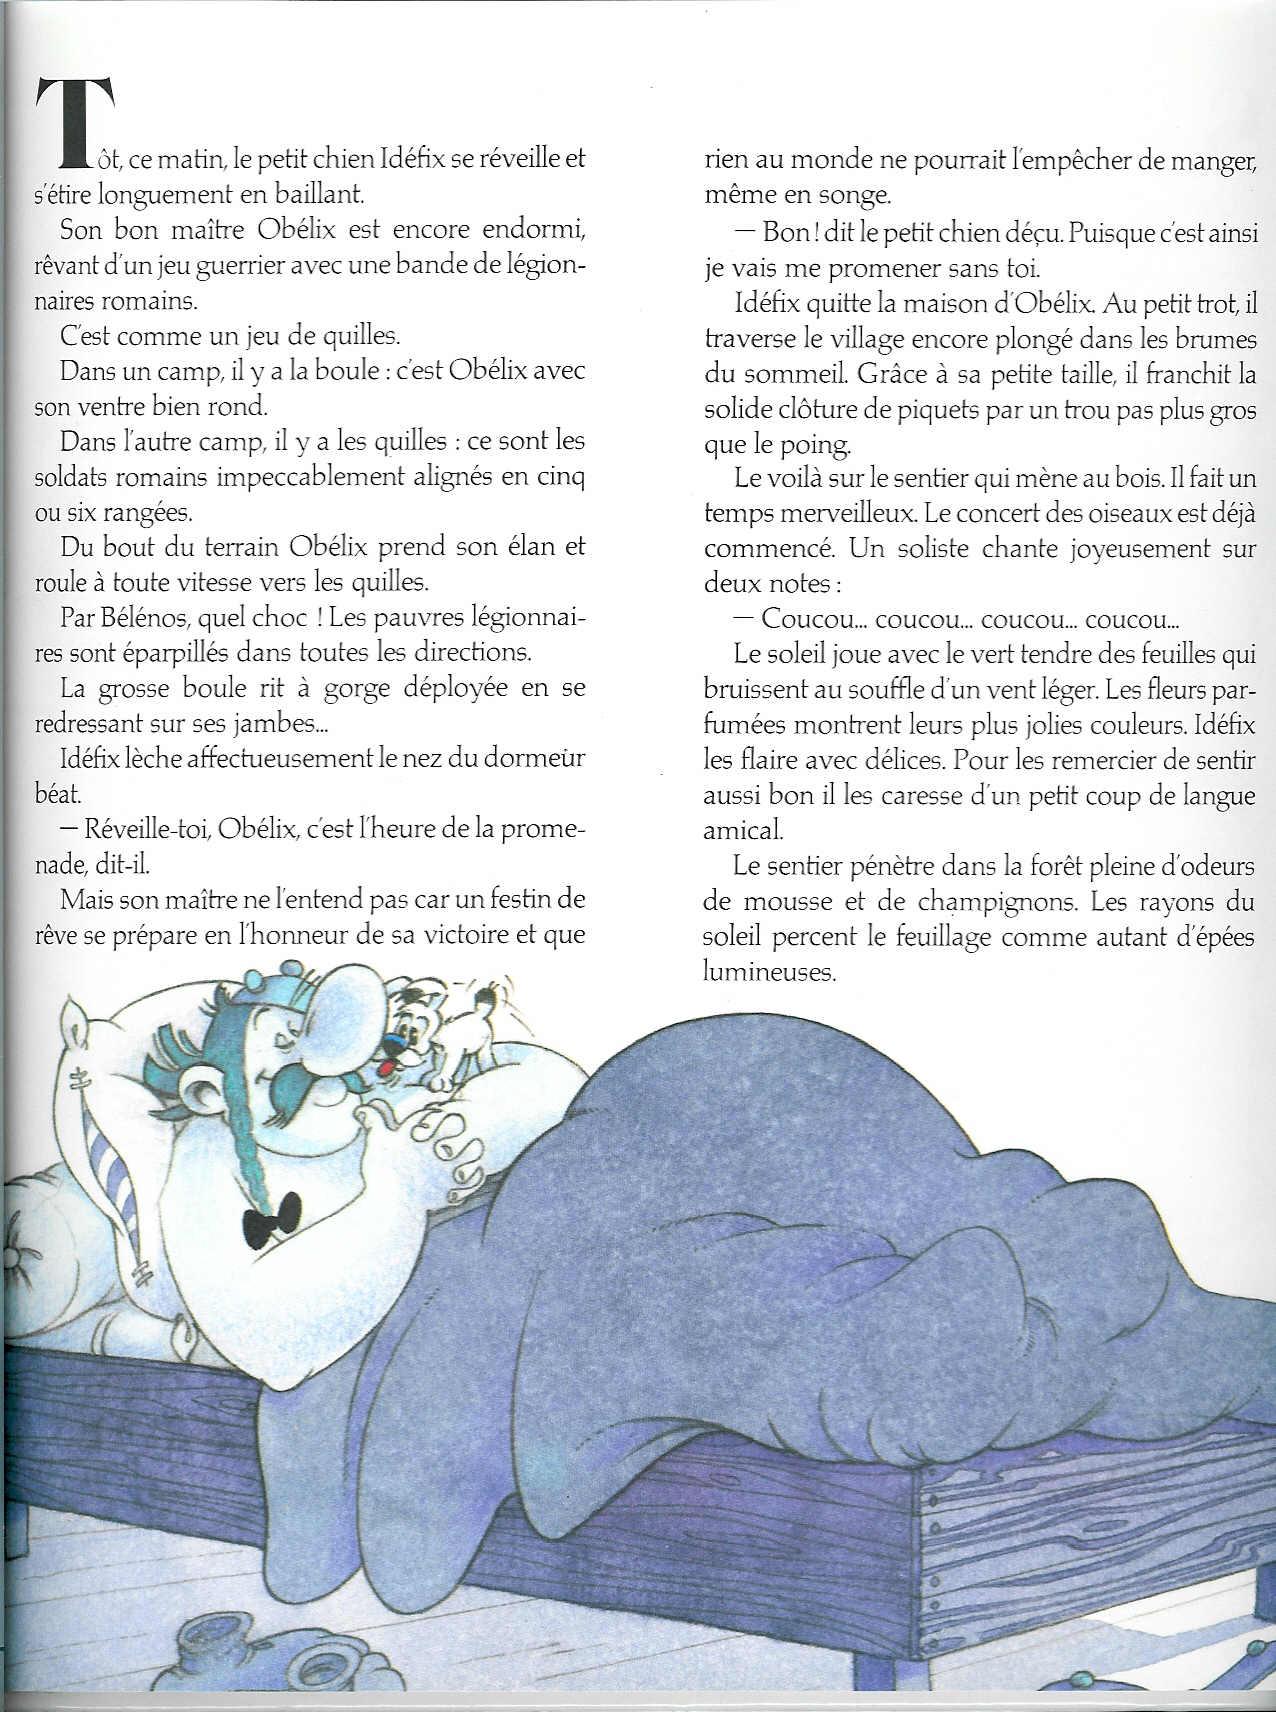 T01 : Le vilain petit aiglon (Idéfix) page 2